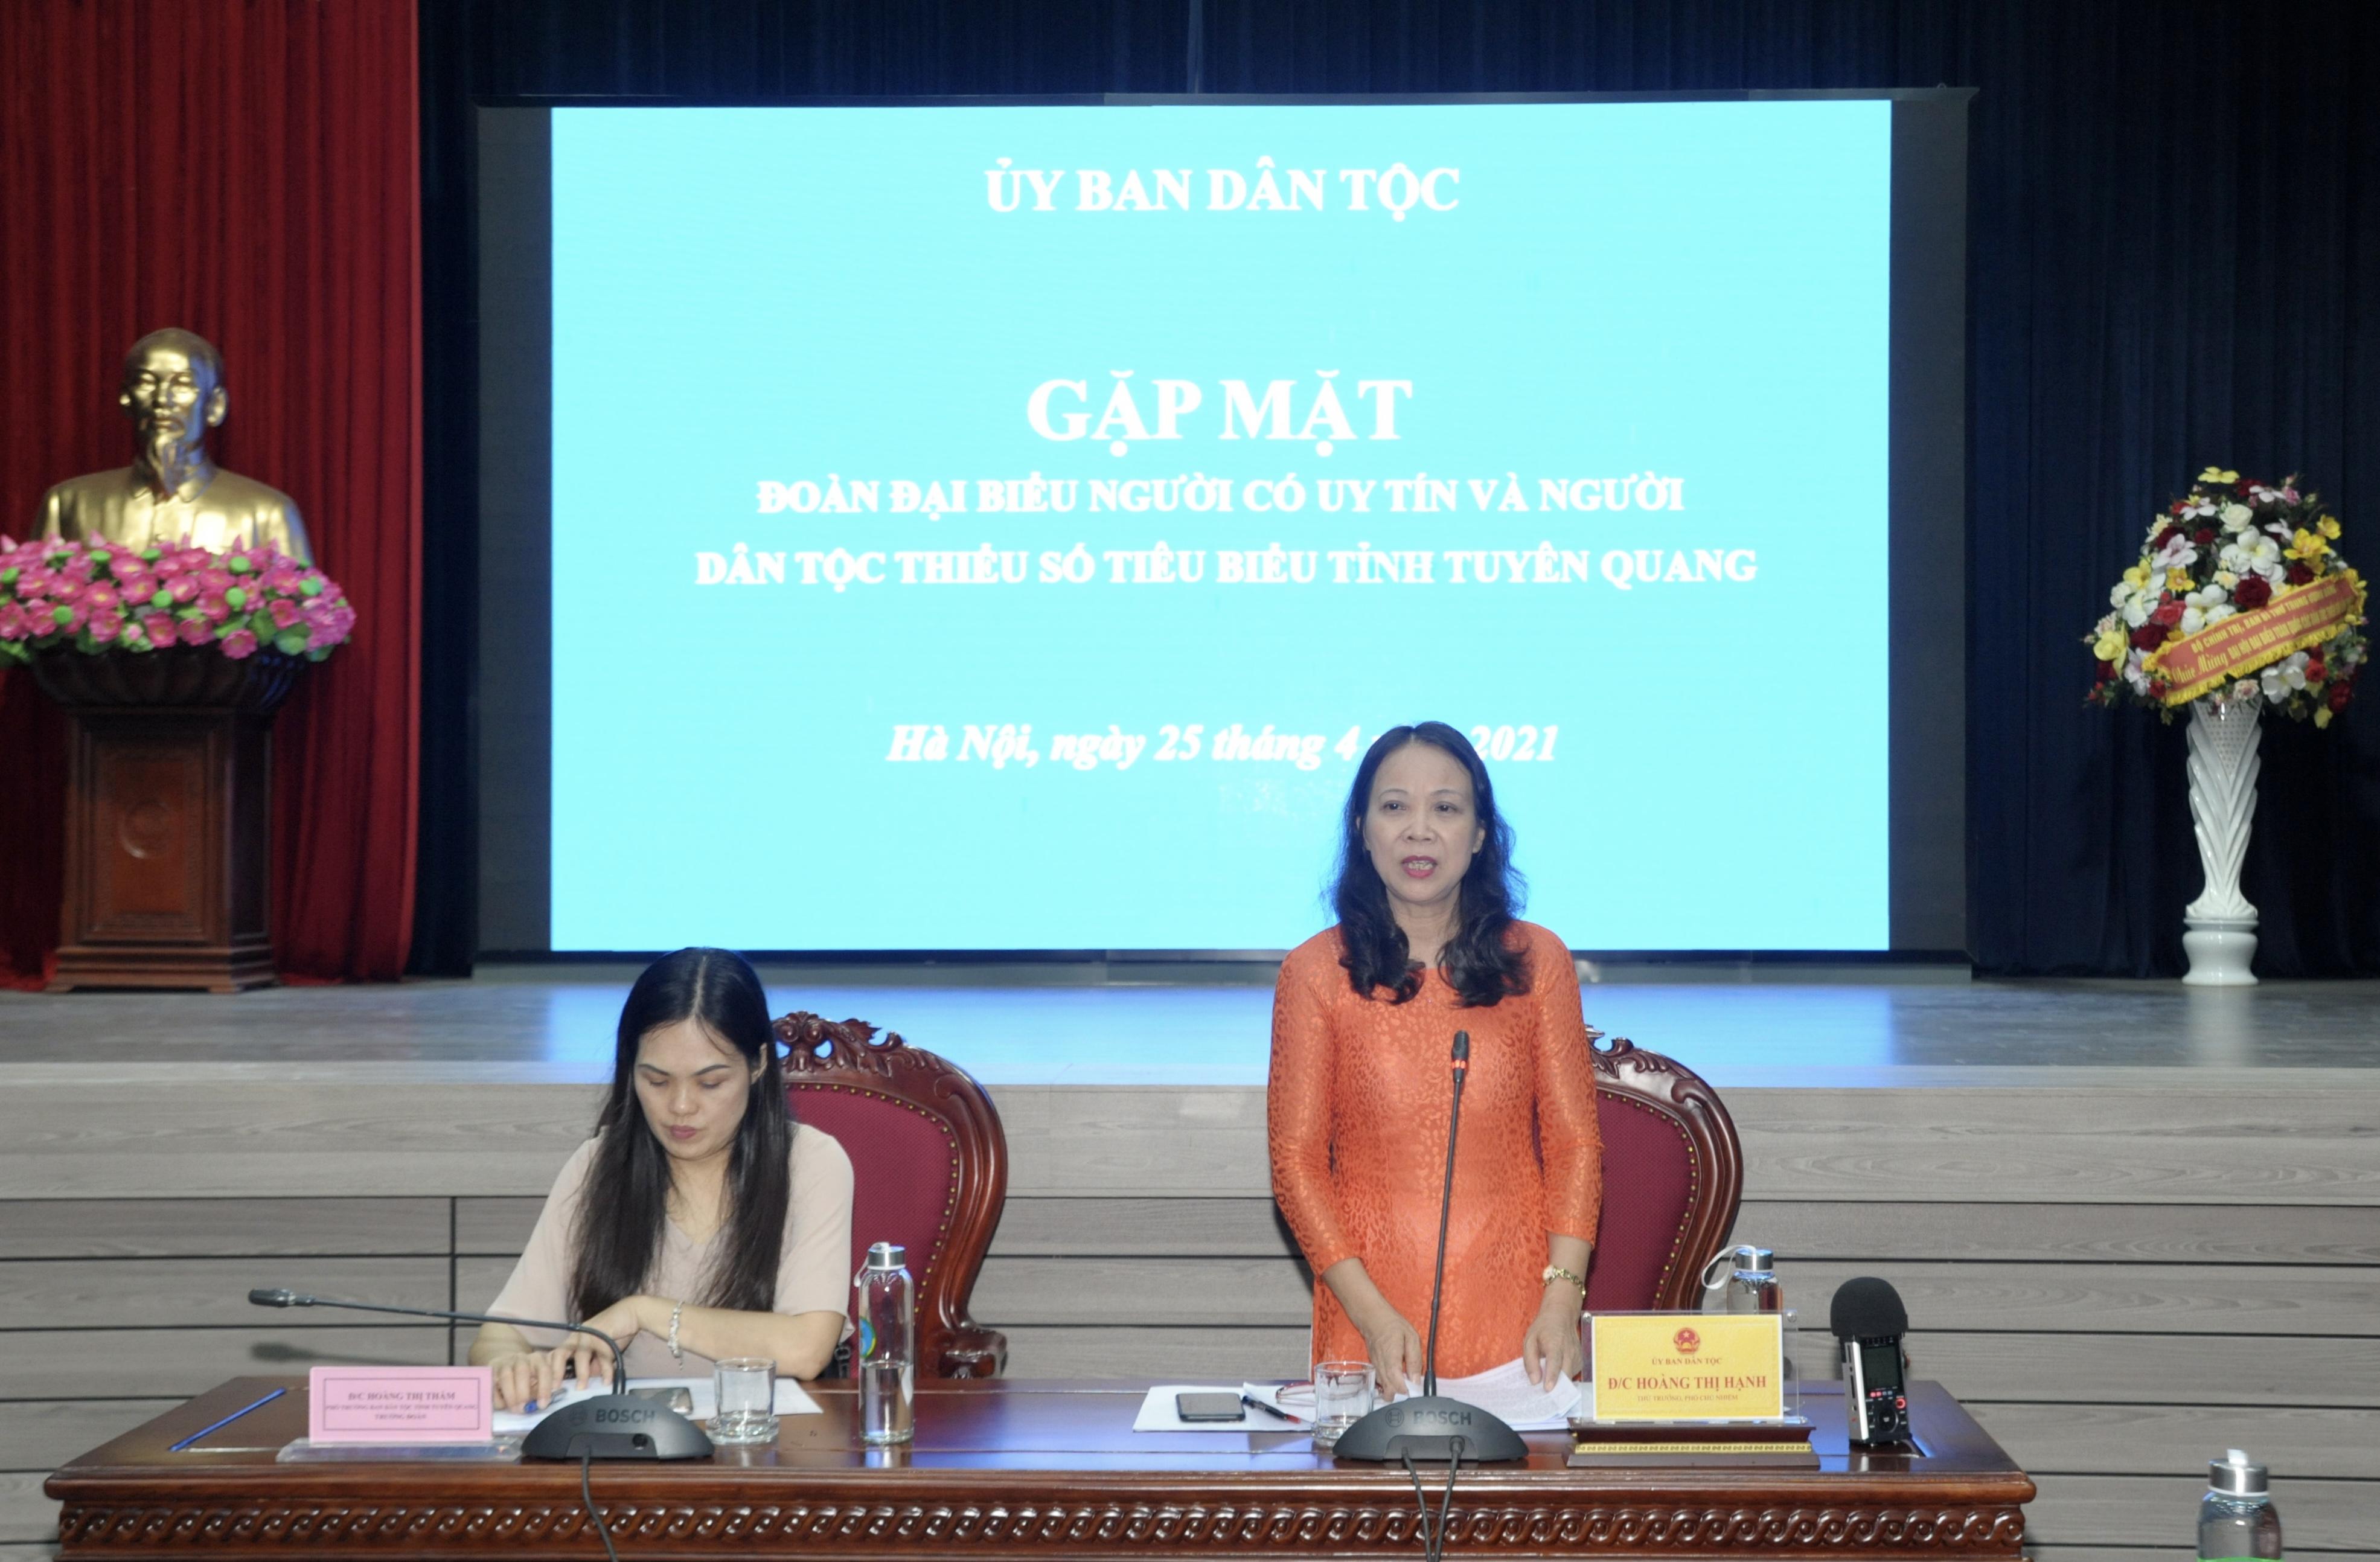 Thứ trưởng, Phó Chủ nhiệm UBDT Hoàng Thị Hạnh phát biểu tại buổi gặp mặt